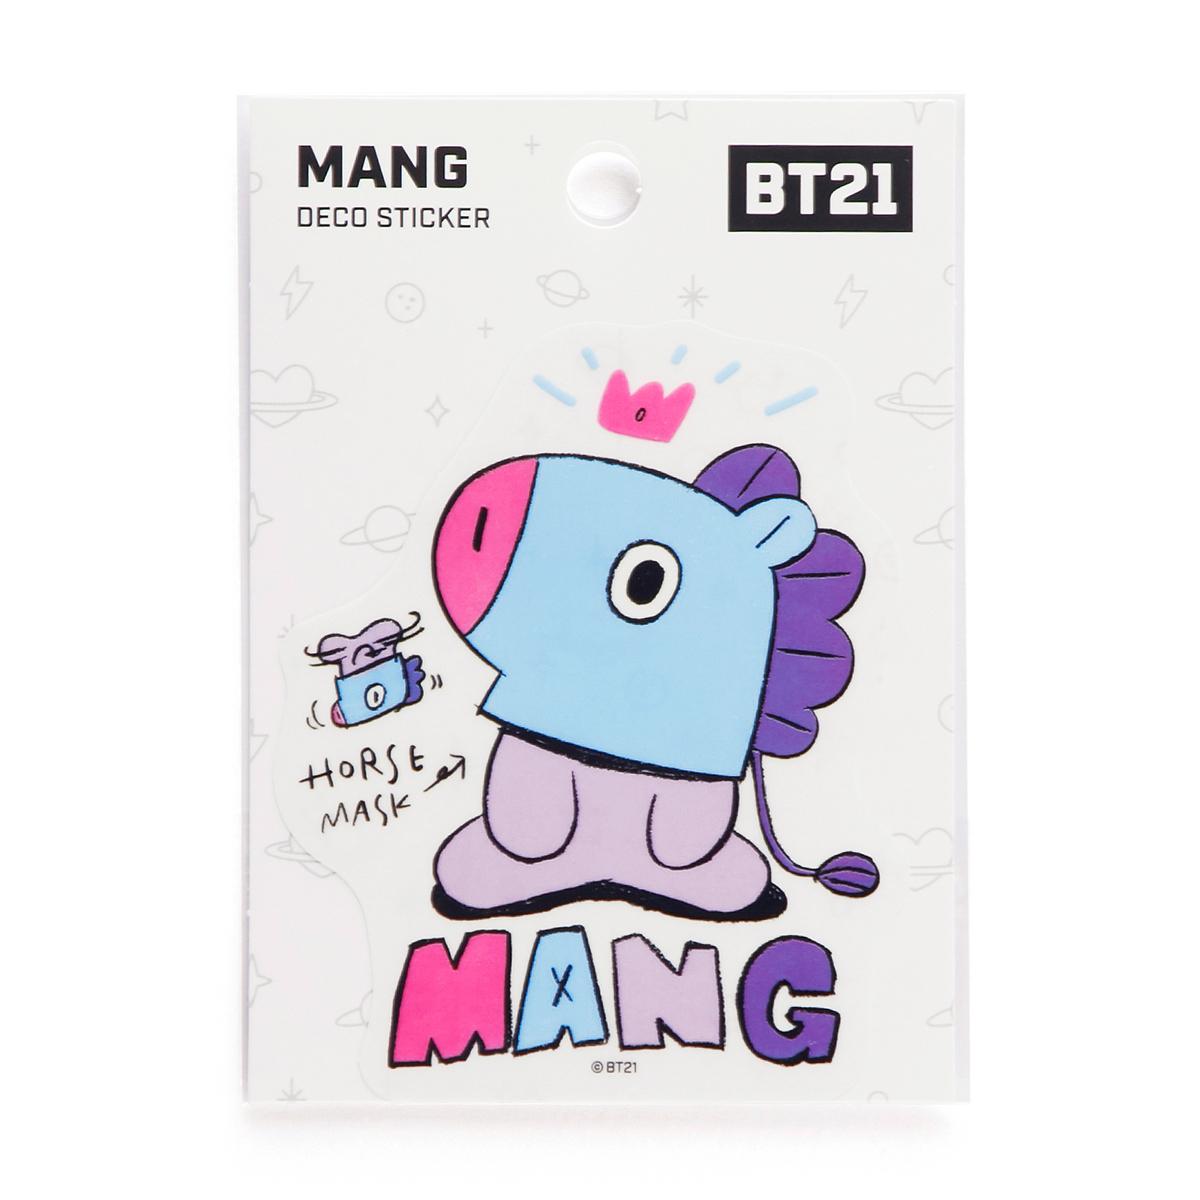 BT21 MANG 데코 스티커